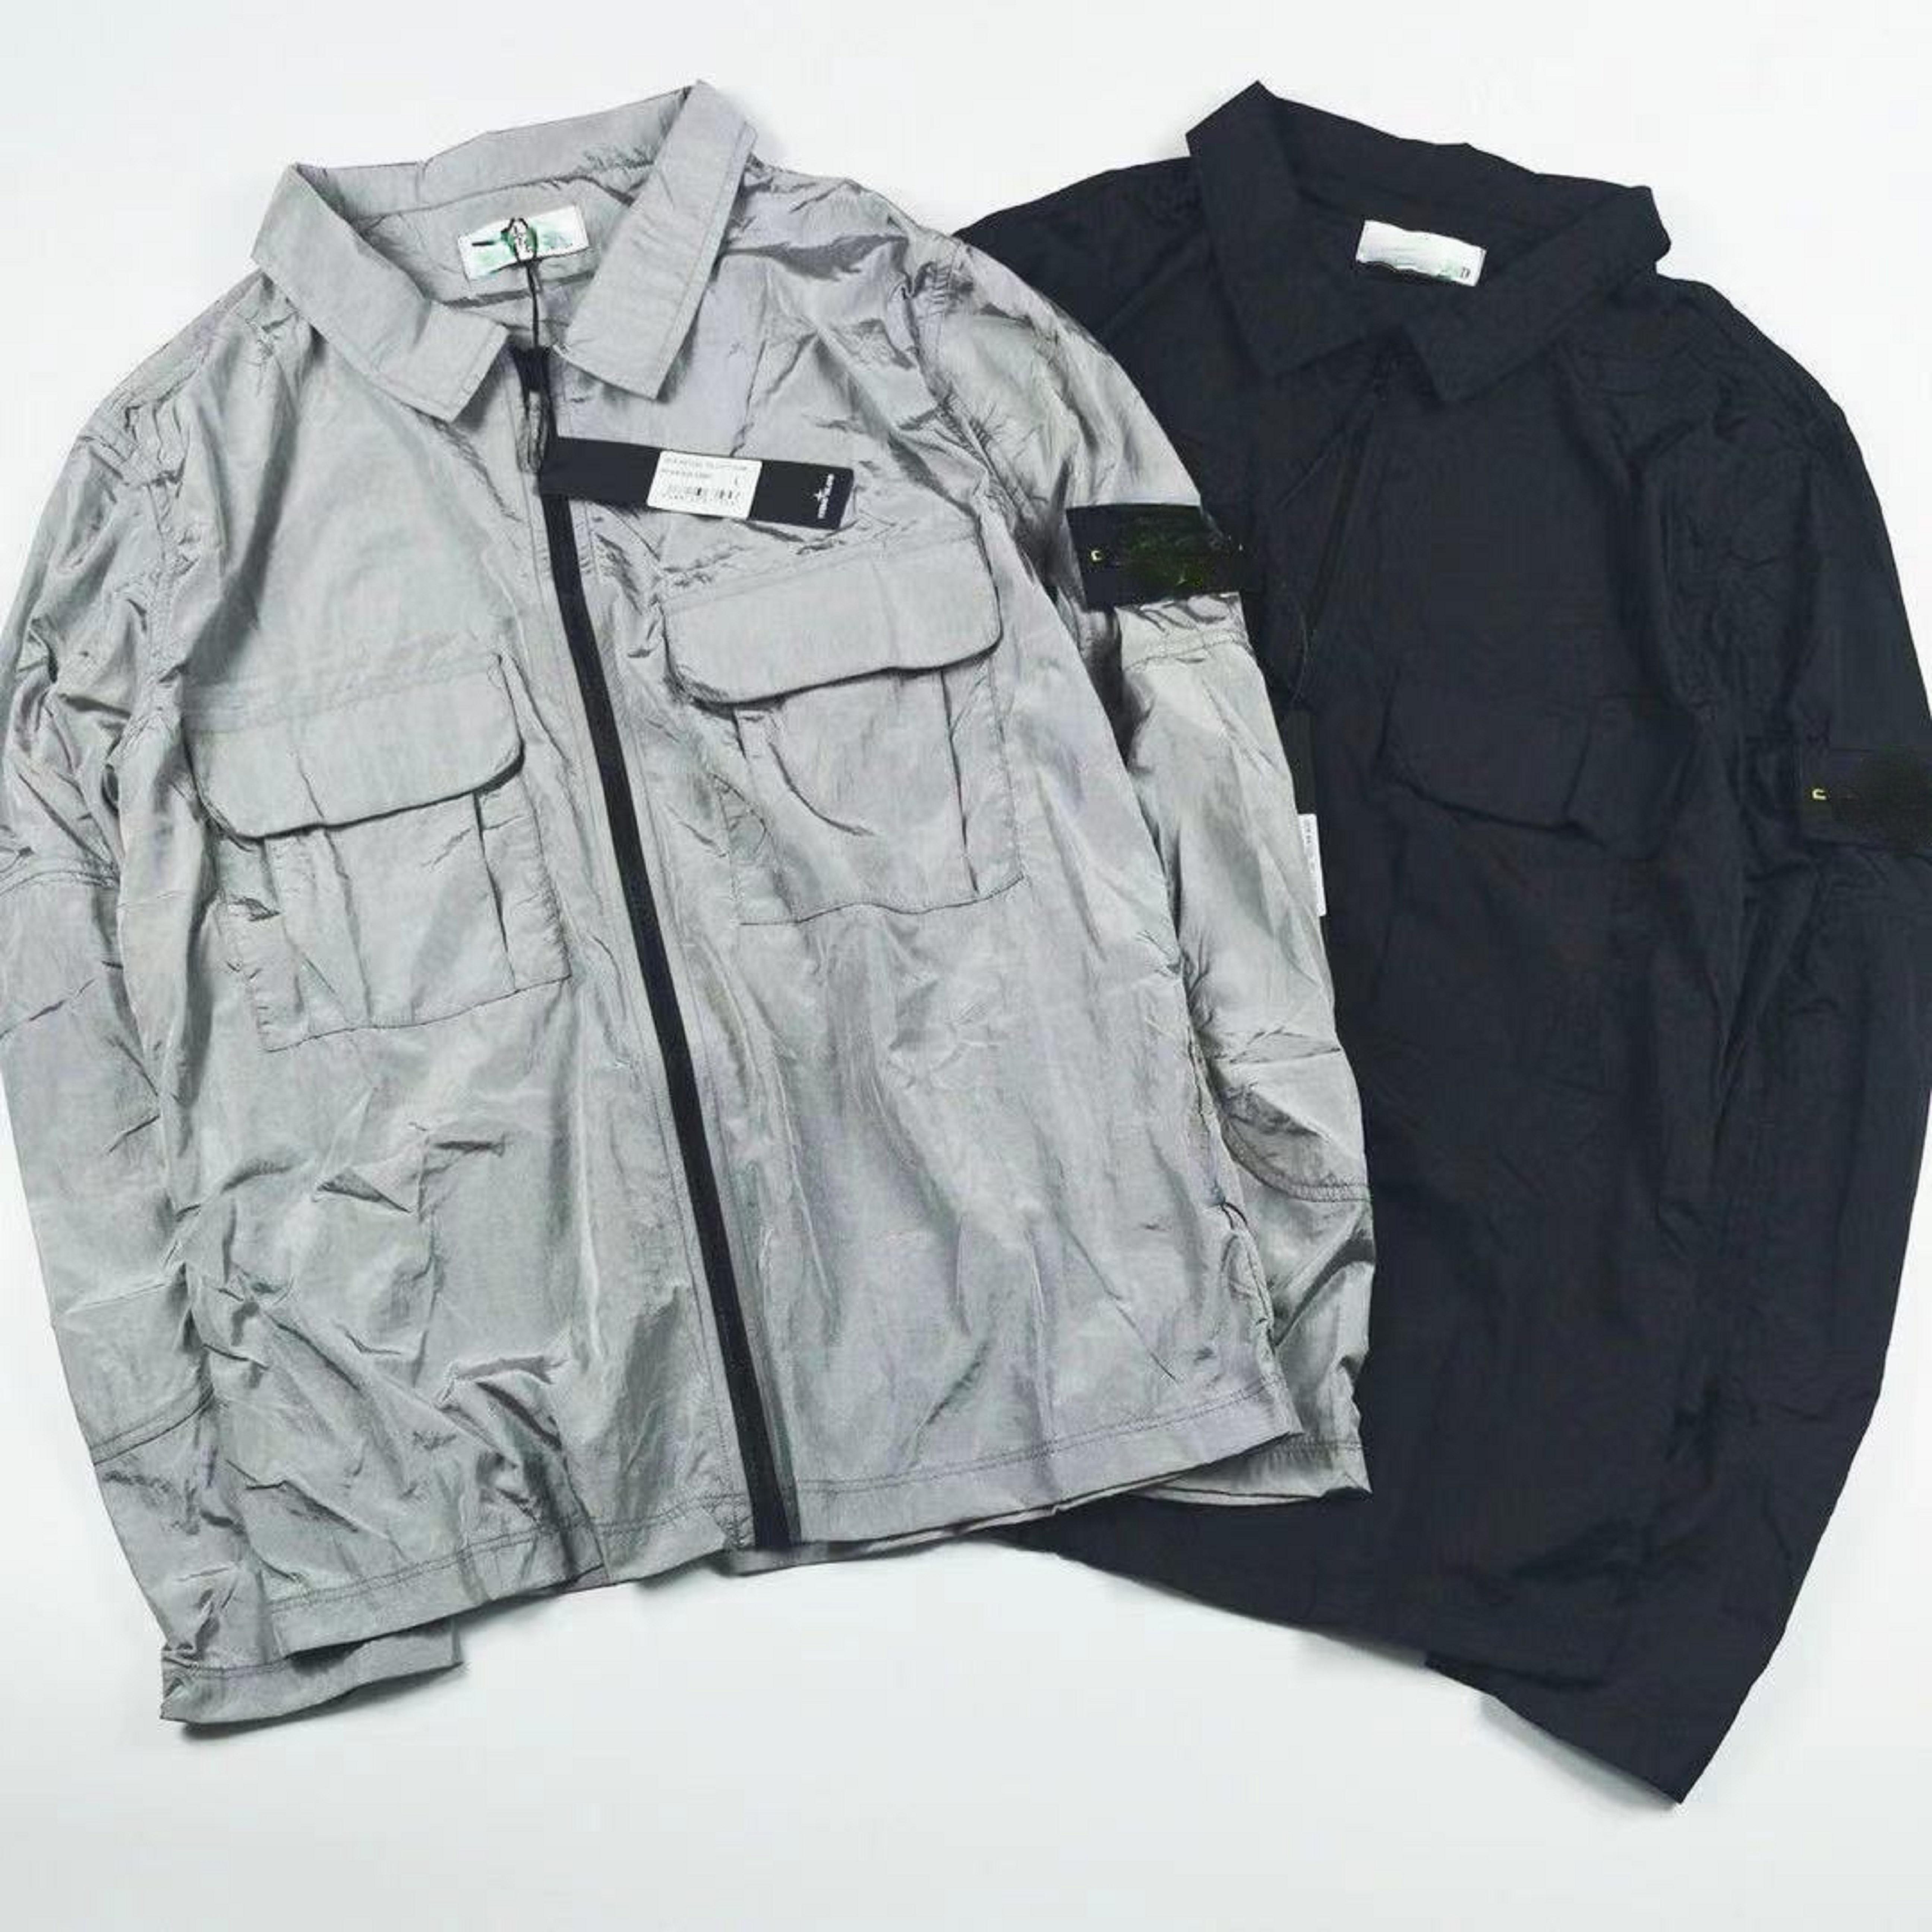 2021 Yaz Erkek Ceket Rahat Moda Naylon Su Geçirmez Kumaş Slim Fit Rahat Nefes Erkekler Ve Kadınlar Aynı Boyutu M-2XL Tüm Maç Ceketler